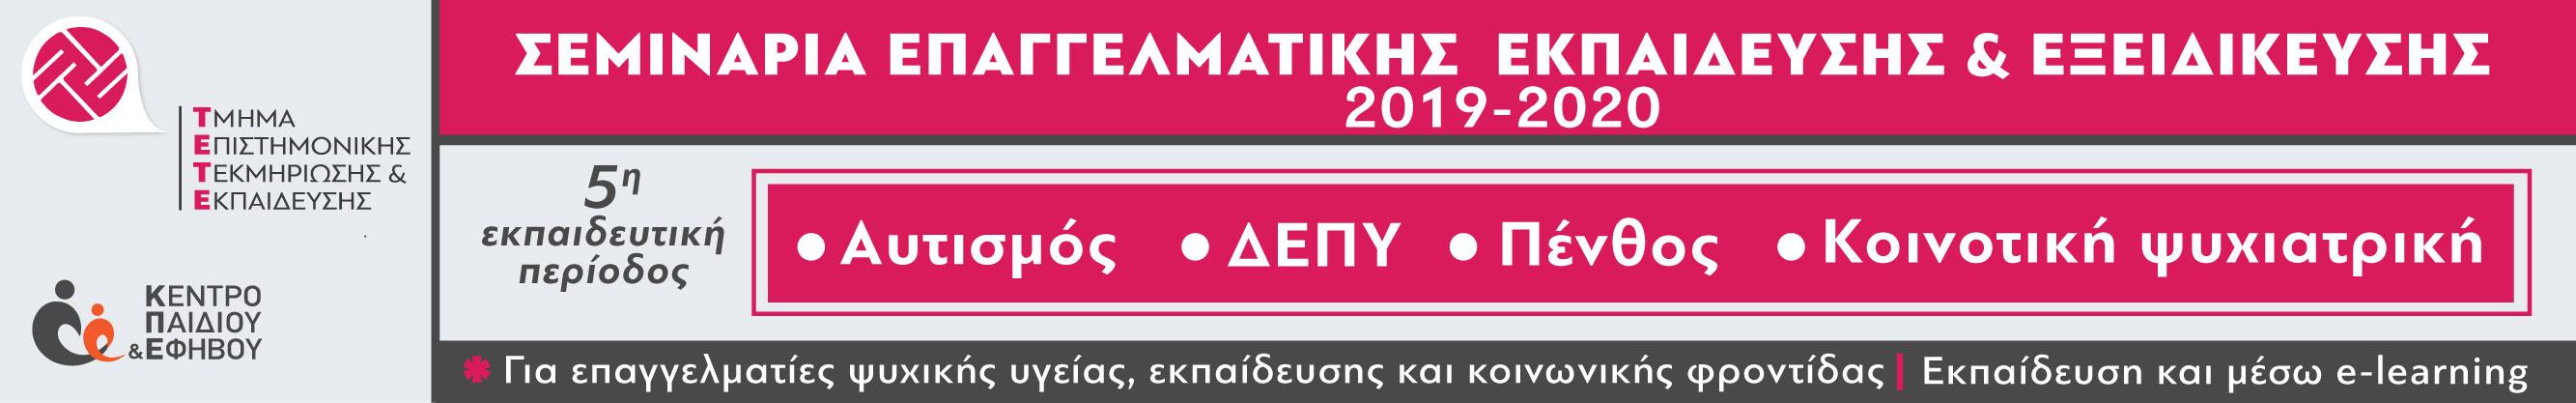 Κέντρο Παιδιού & Εφήβου - Σεμινάρια Επαγγελματικής Εκπαίδευσης & Εξειδίκευσης 2019 - 2020